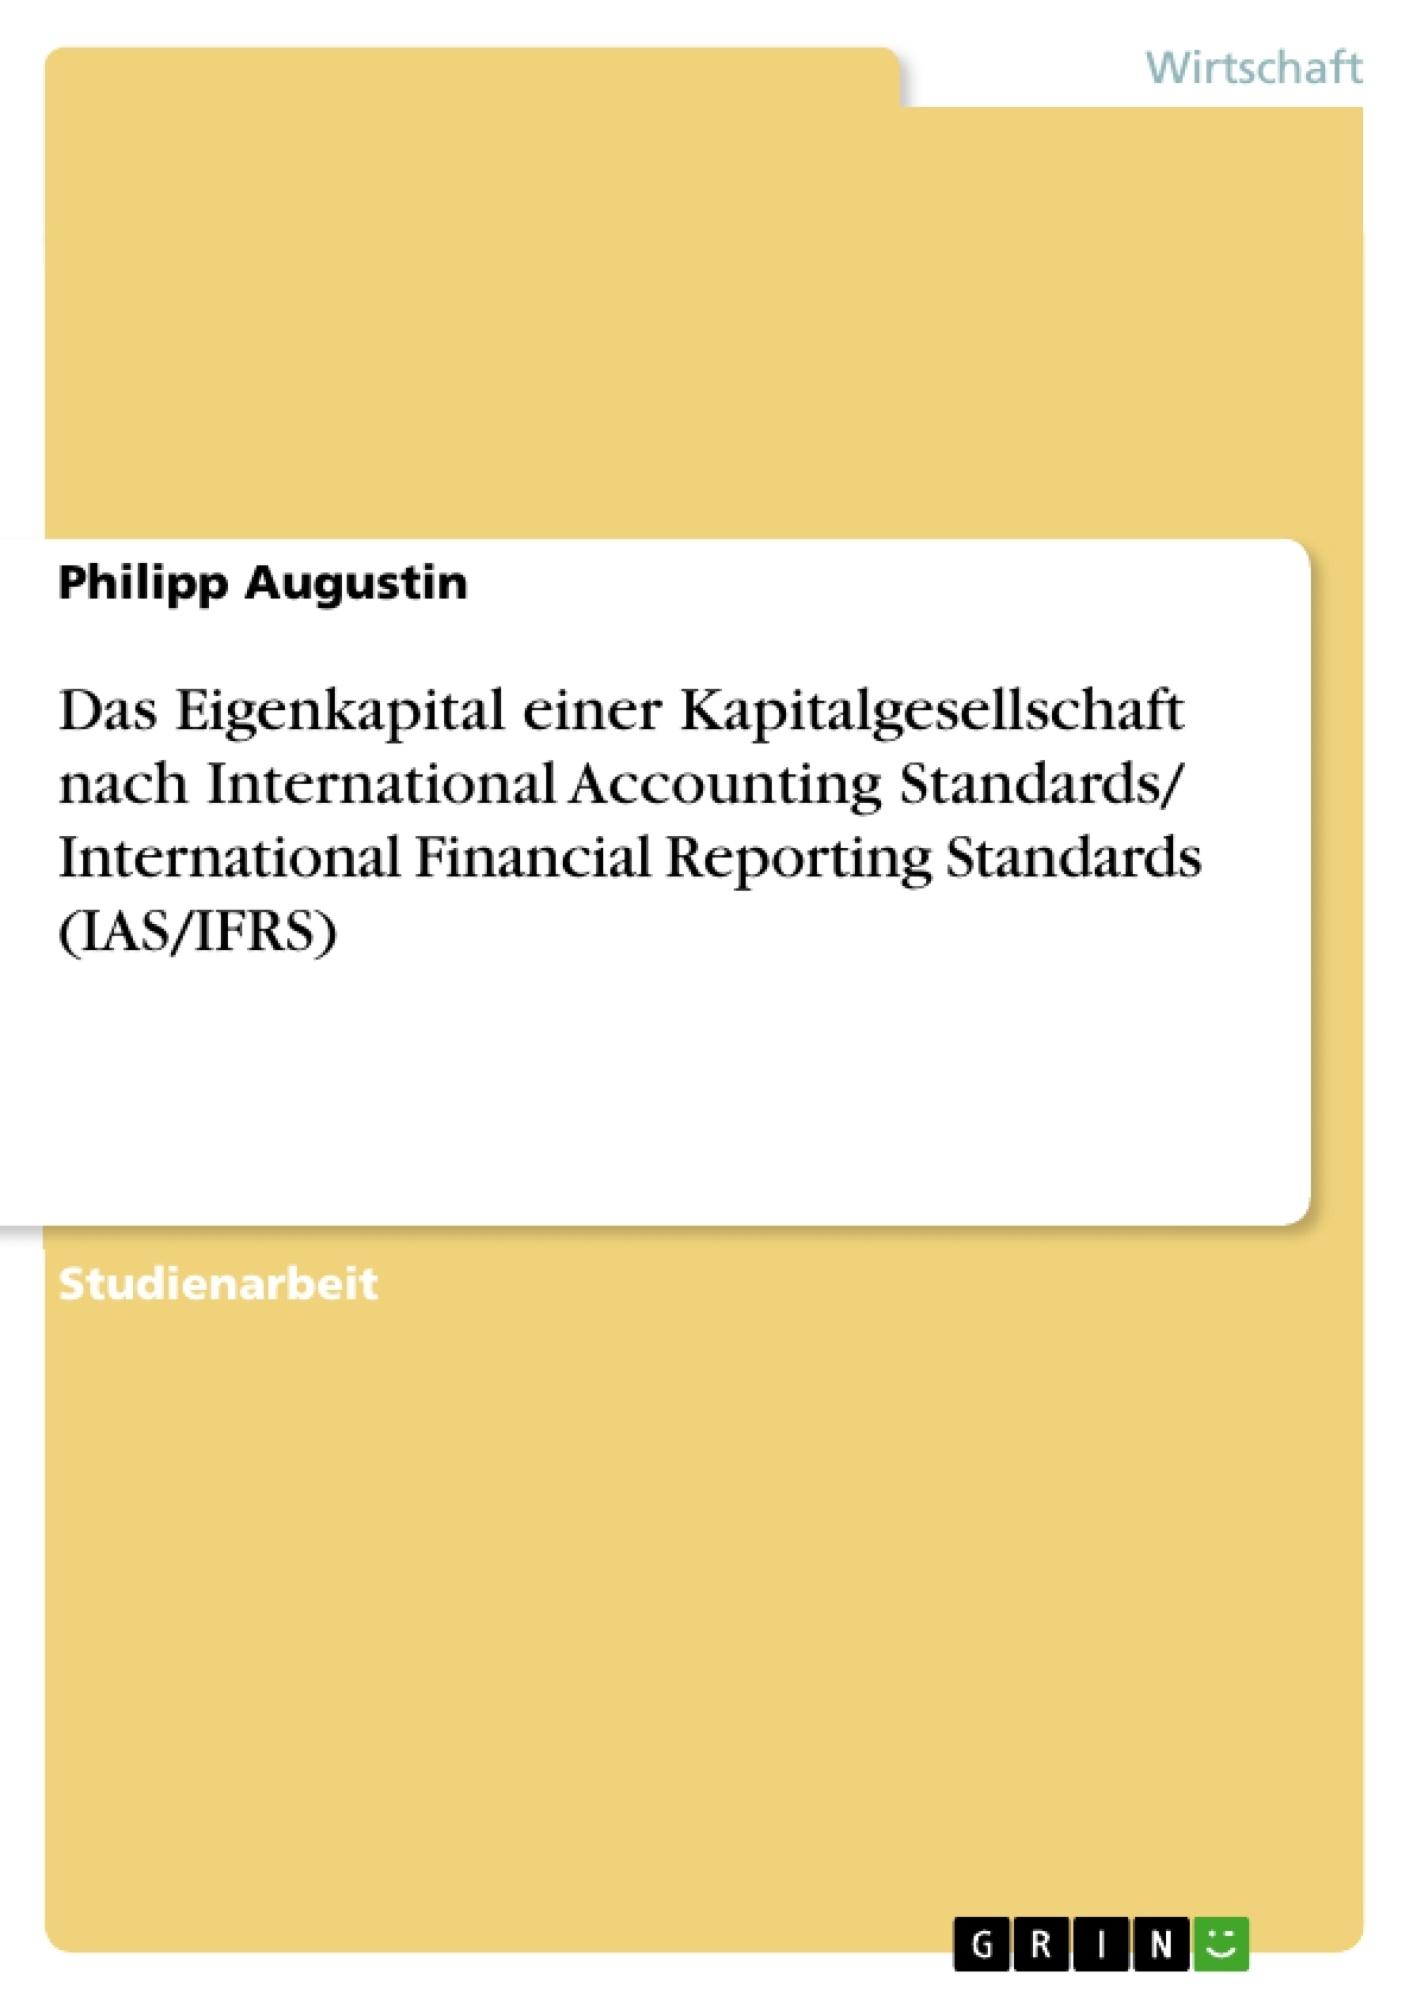 Titel: Das Eigenkapital einer Kapitalgesellschaft nach International Accounting Standards/ International Financial Reporting Standards (IAS/IFRS)